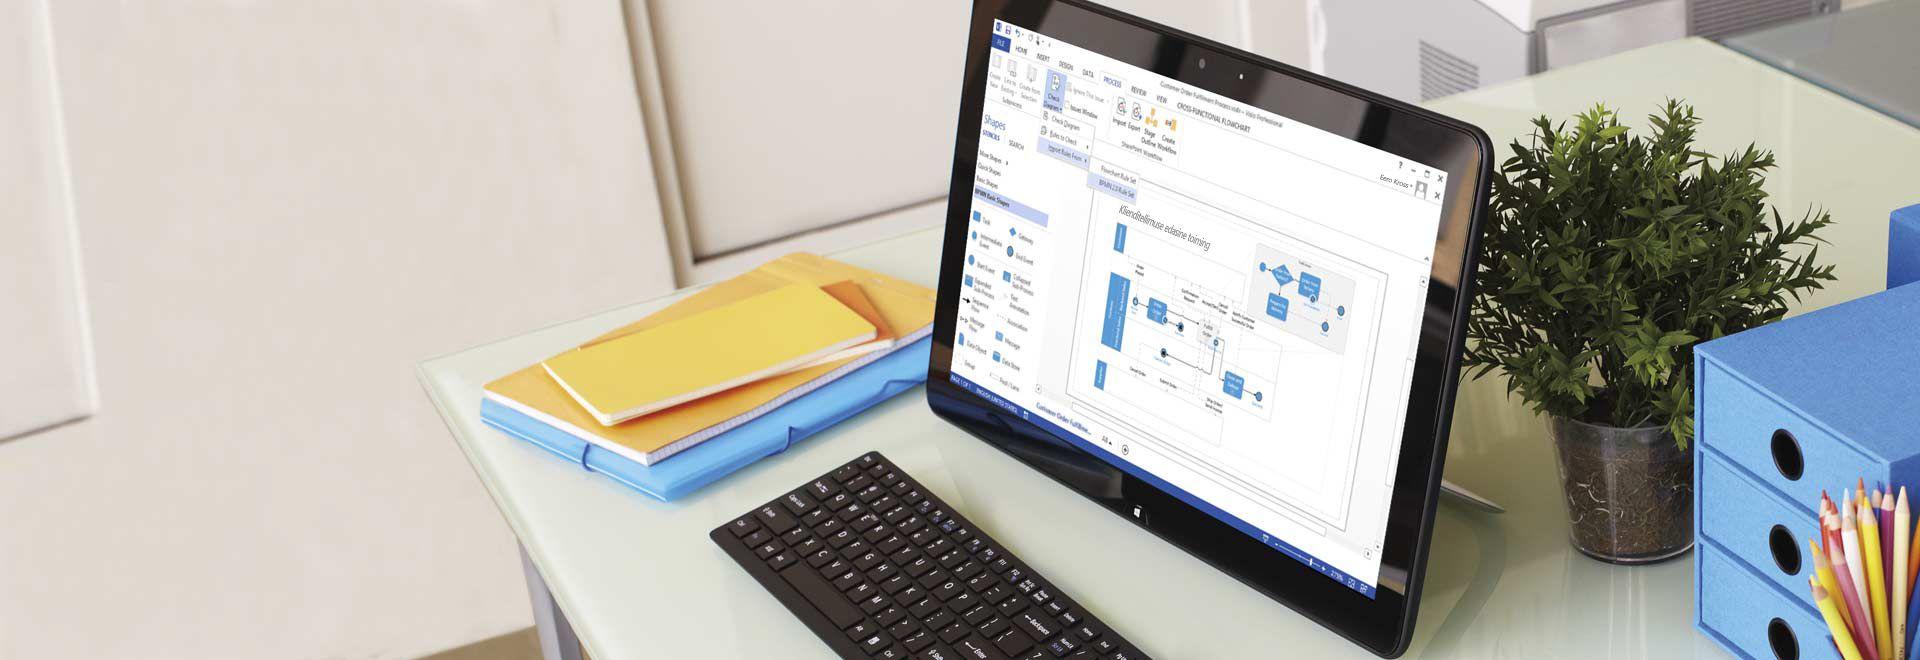 Laual olev tahvelarvuti, mille ekraanil on näha rakenduses Visio Professional 2016 avatud protsessiskeem